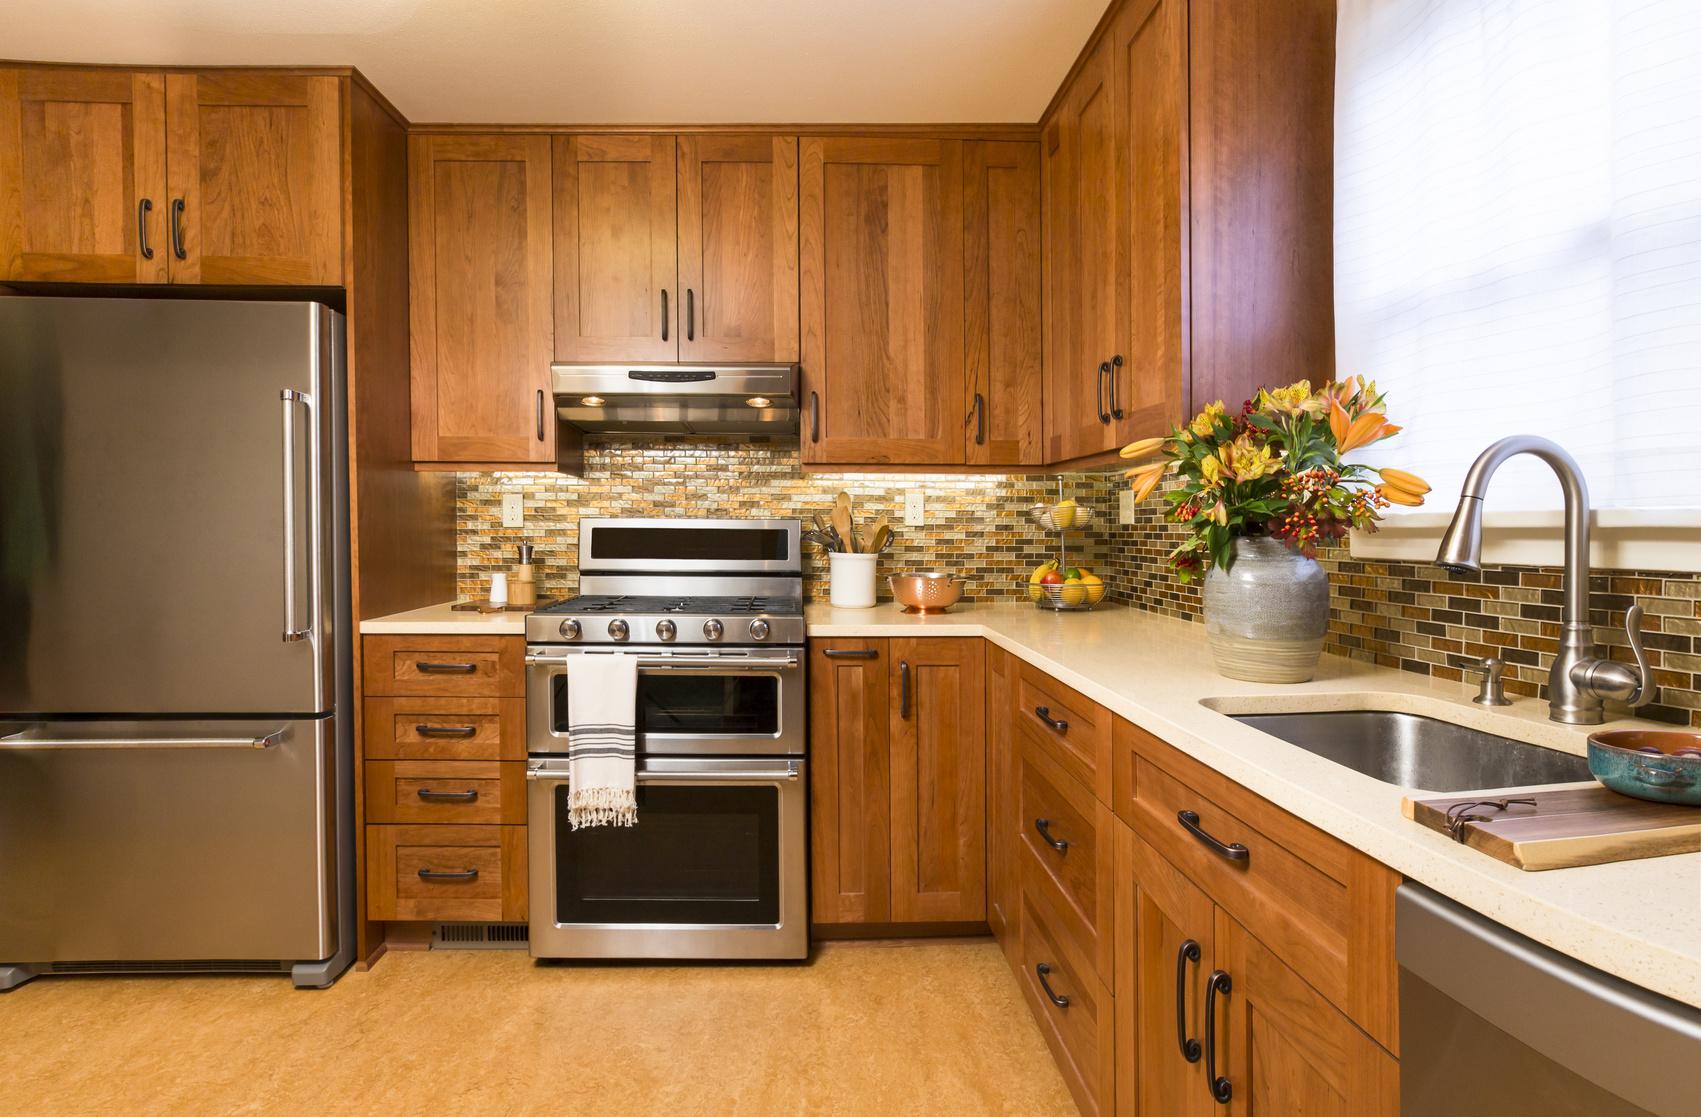 Kitchen Backsplash tiles by BELK Tile